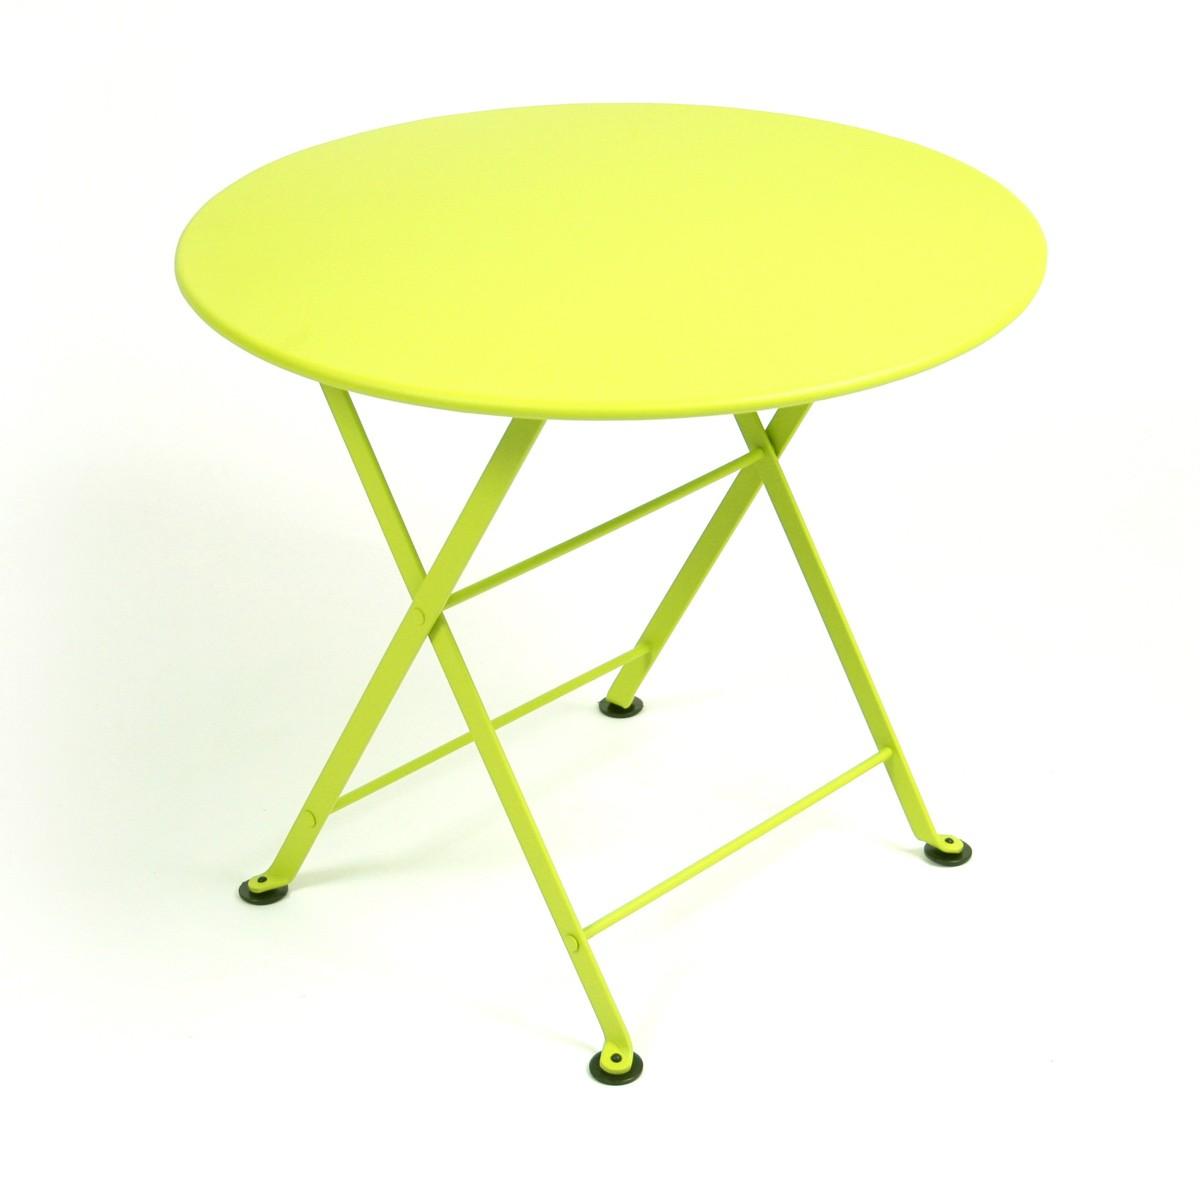 Table basse enfant tom pouce de fermob verveine - Table basse jardin d ulysse ...